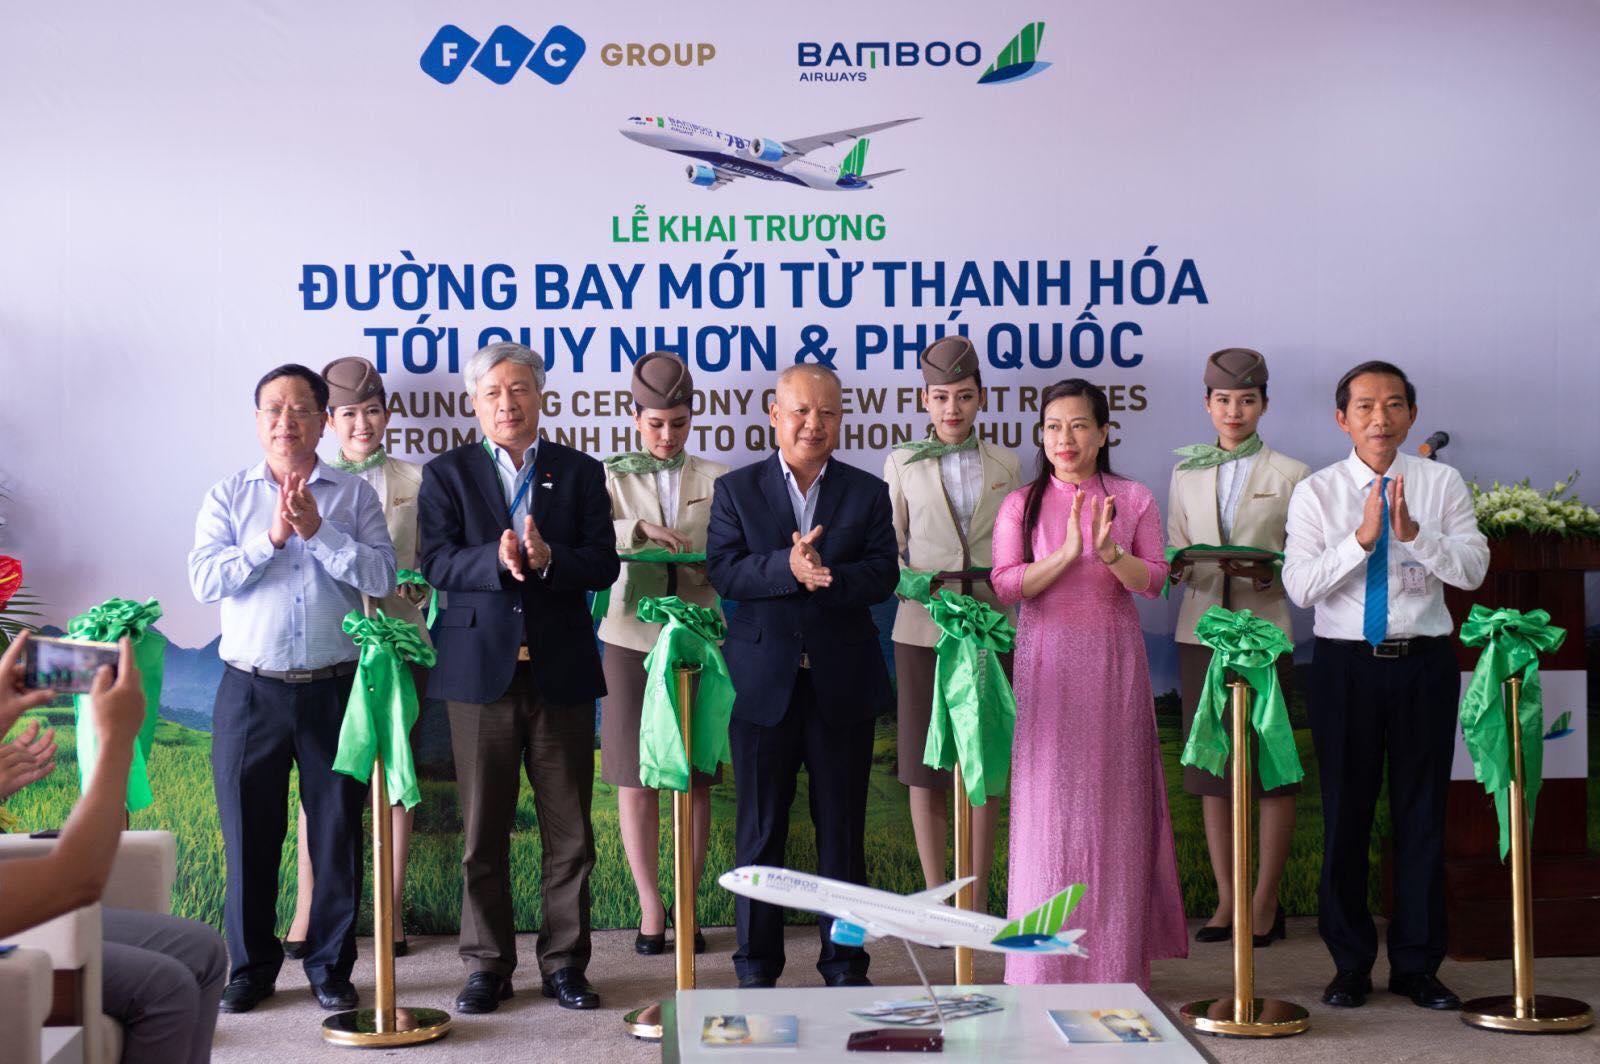 Bamboo Airways khai trương đường bay kết nối Thanh Hóa với Quy Nhơn và Phú Quốc - Ảnh 1.